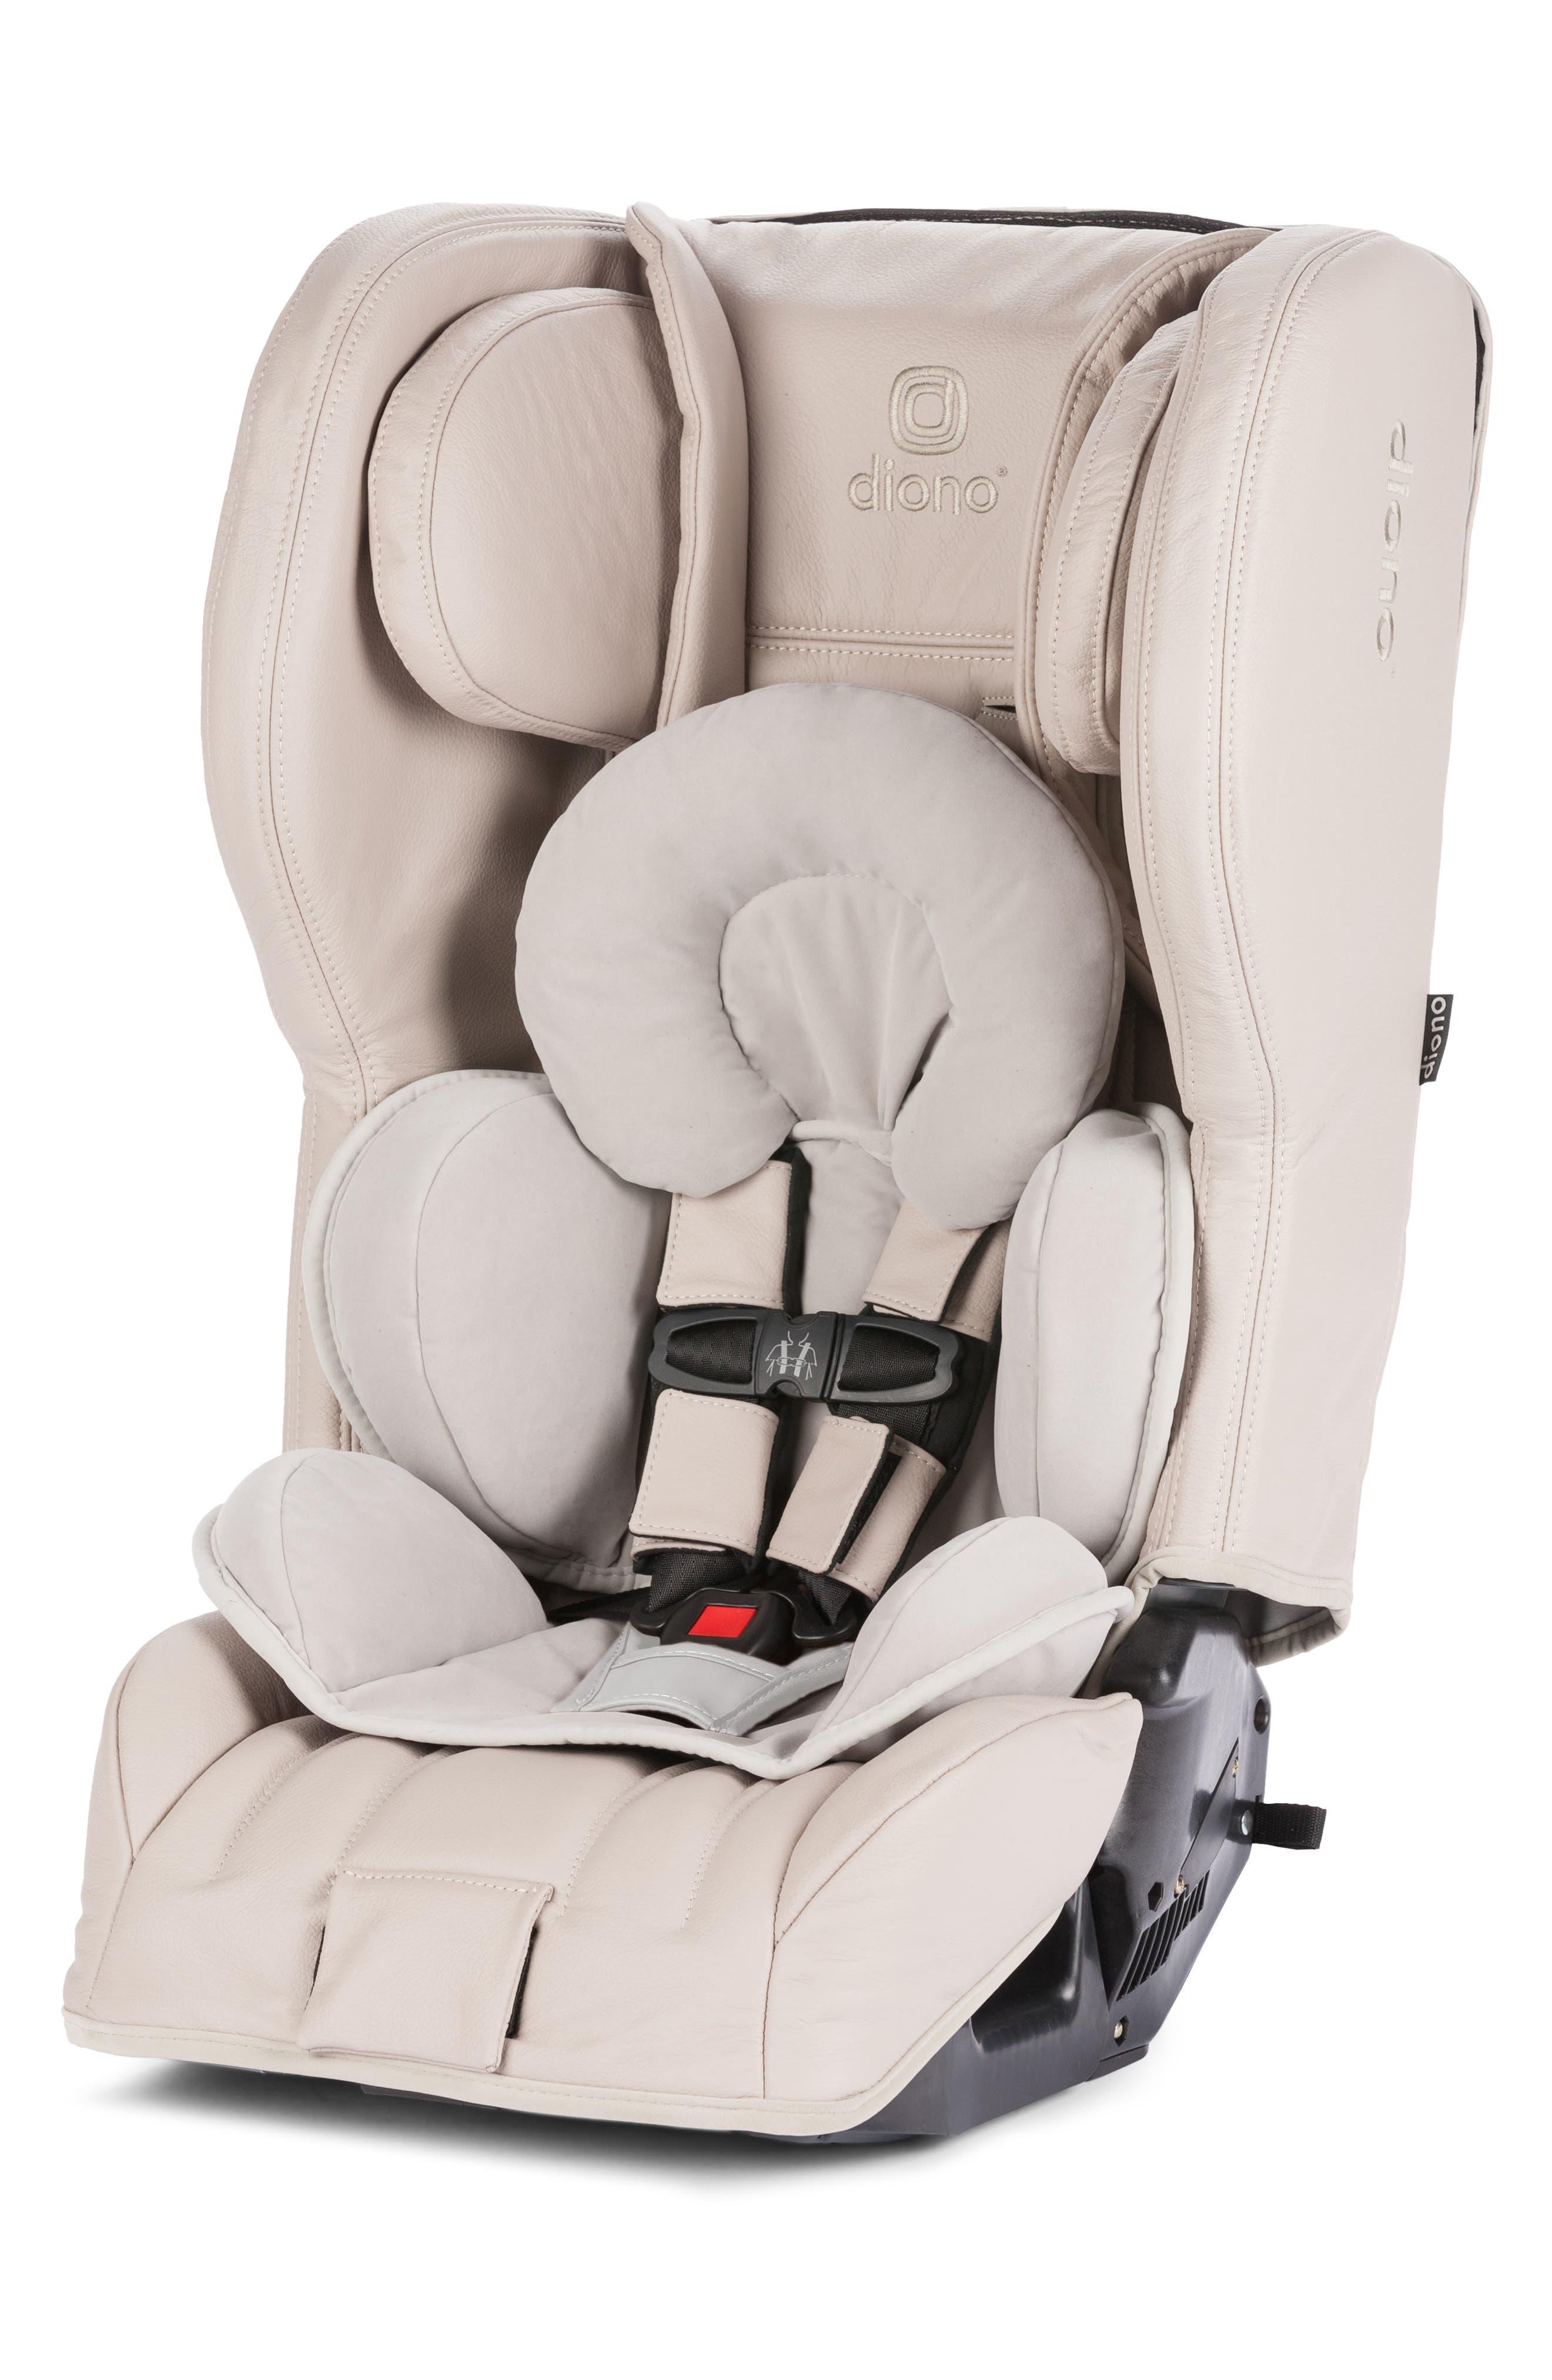 Infant Diono Rainier 2 Axt Prestige Car Seat Size One Size  Beige